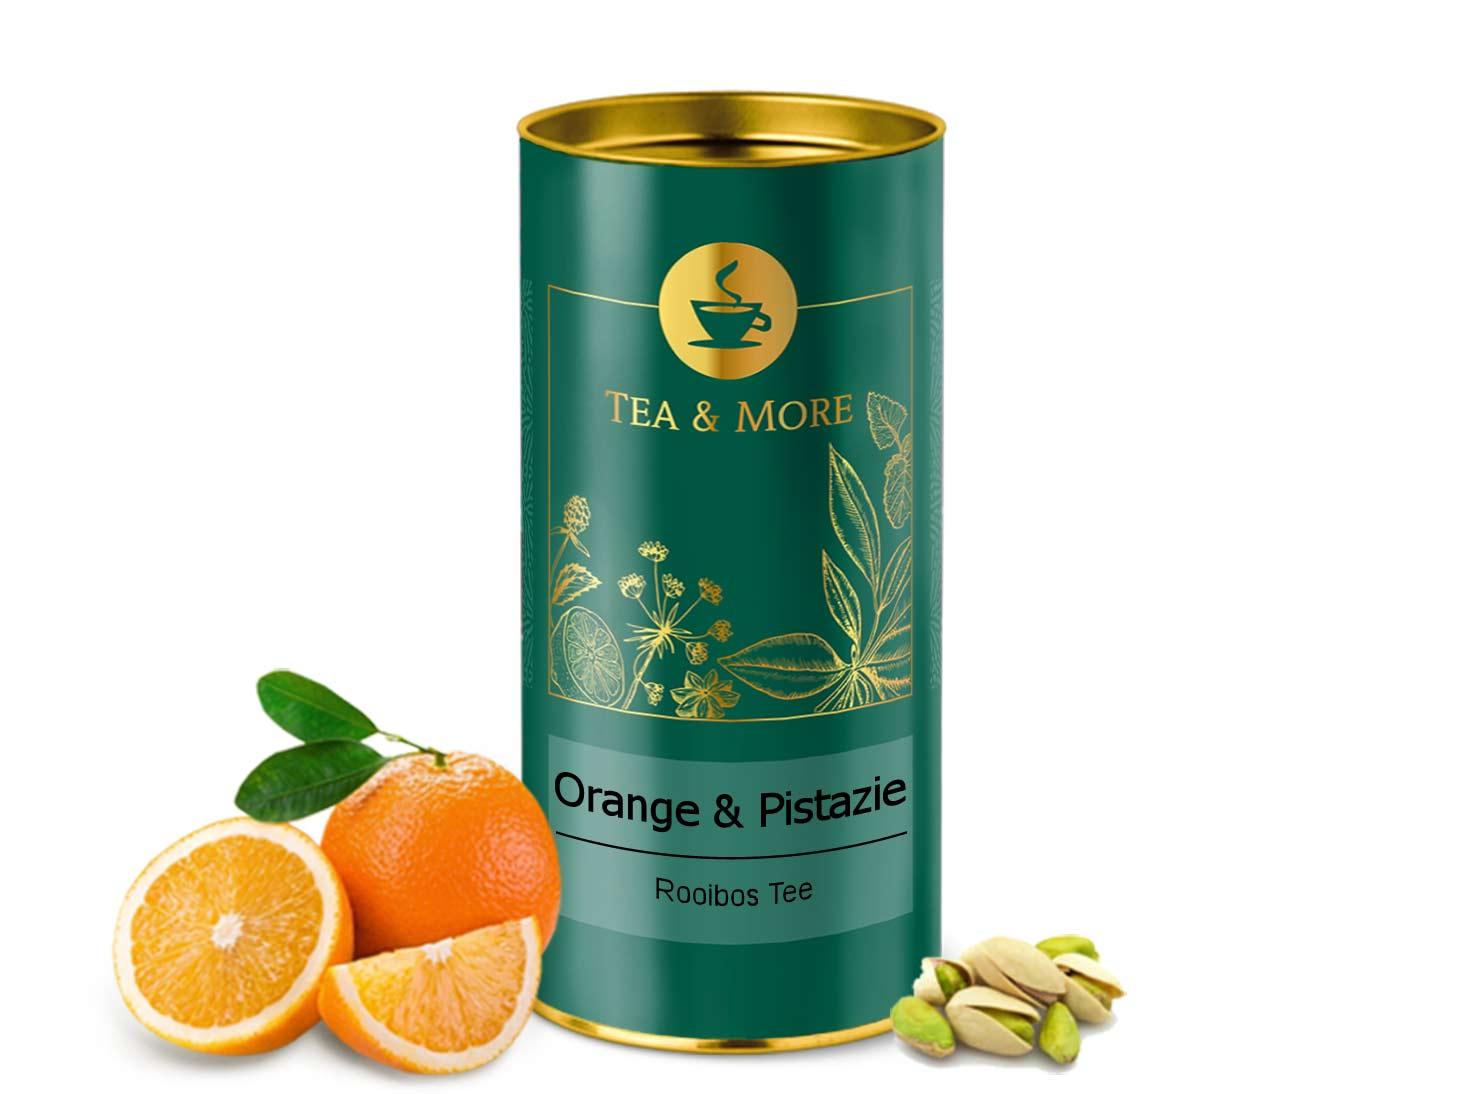 Orange & Pistazie